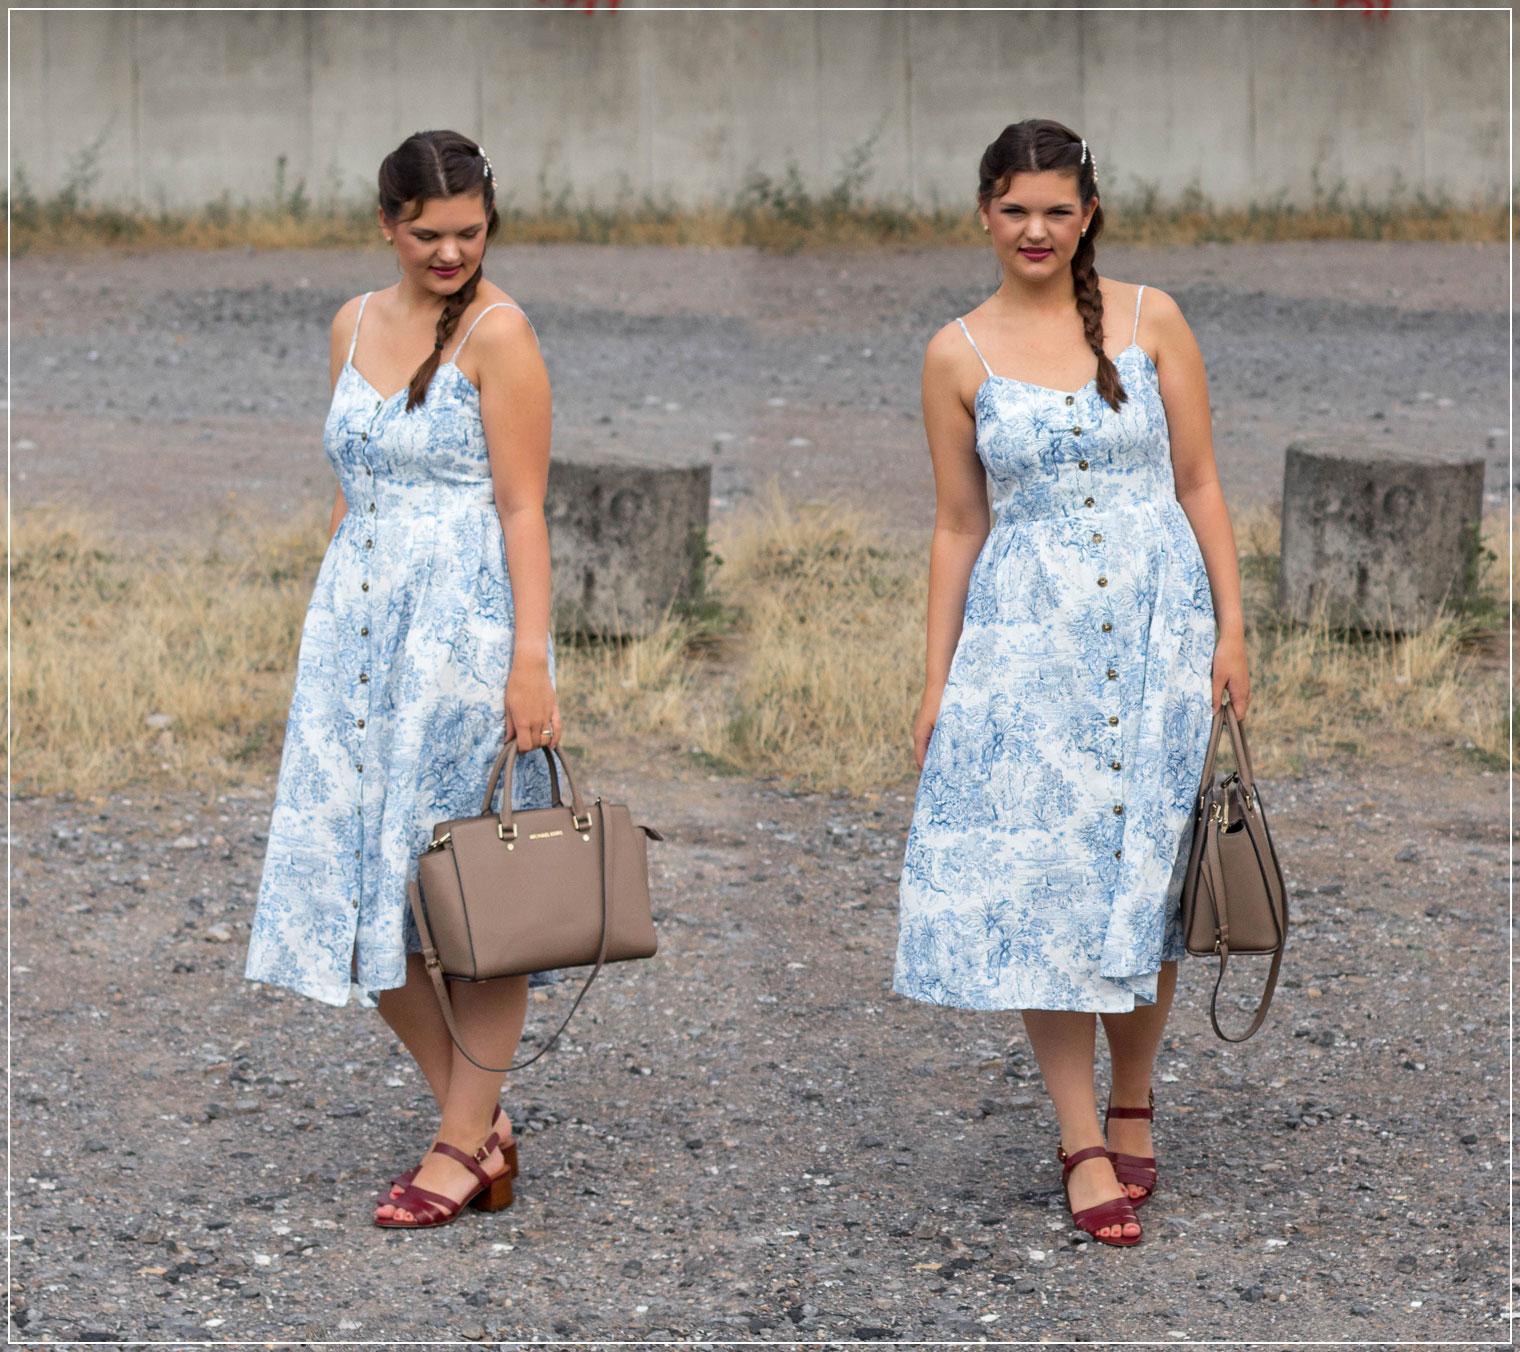 Leinenkleid, Leinen, sommerlich schick kombinieren, Material, Modetrend, Styleguide, Outfitinspiration, Modebloggerin, Fashionbloggerin, Modeblog, Ruhrgebiet